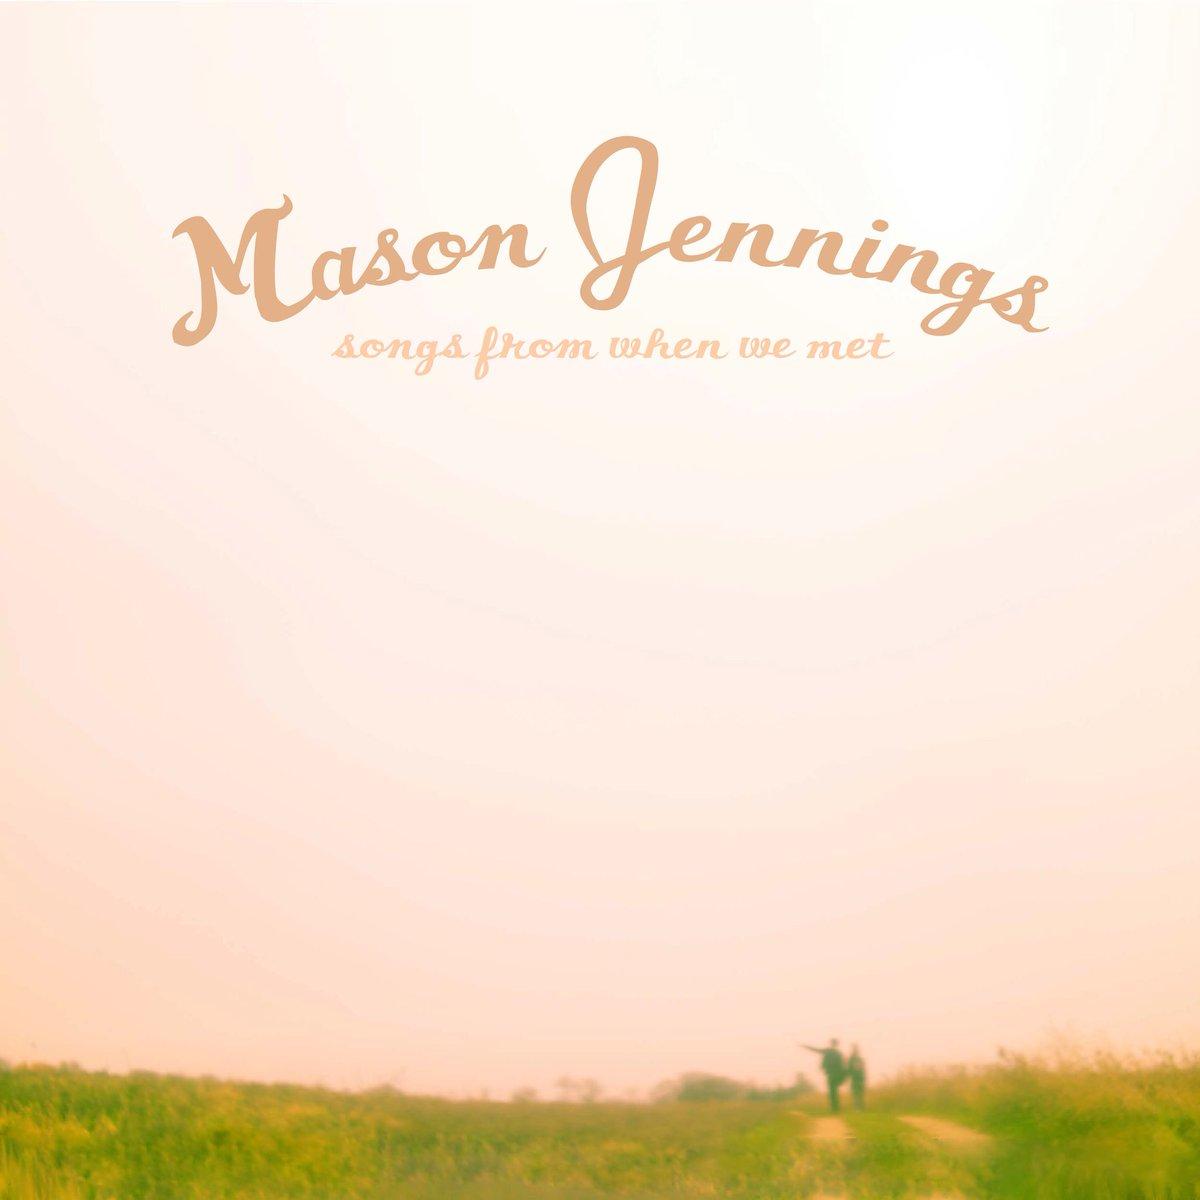 Mason Jennings